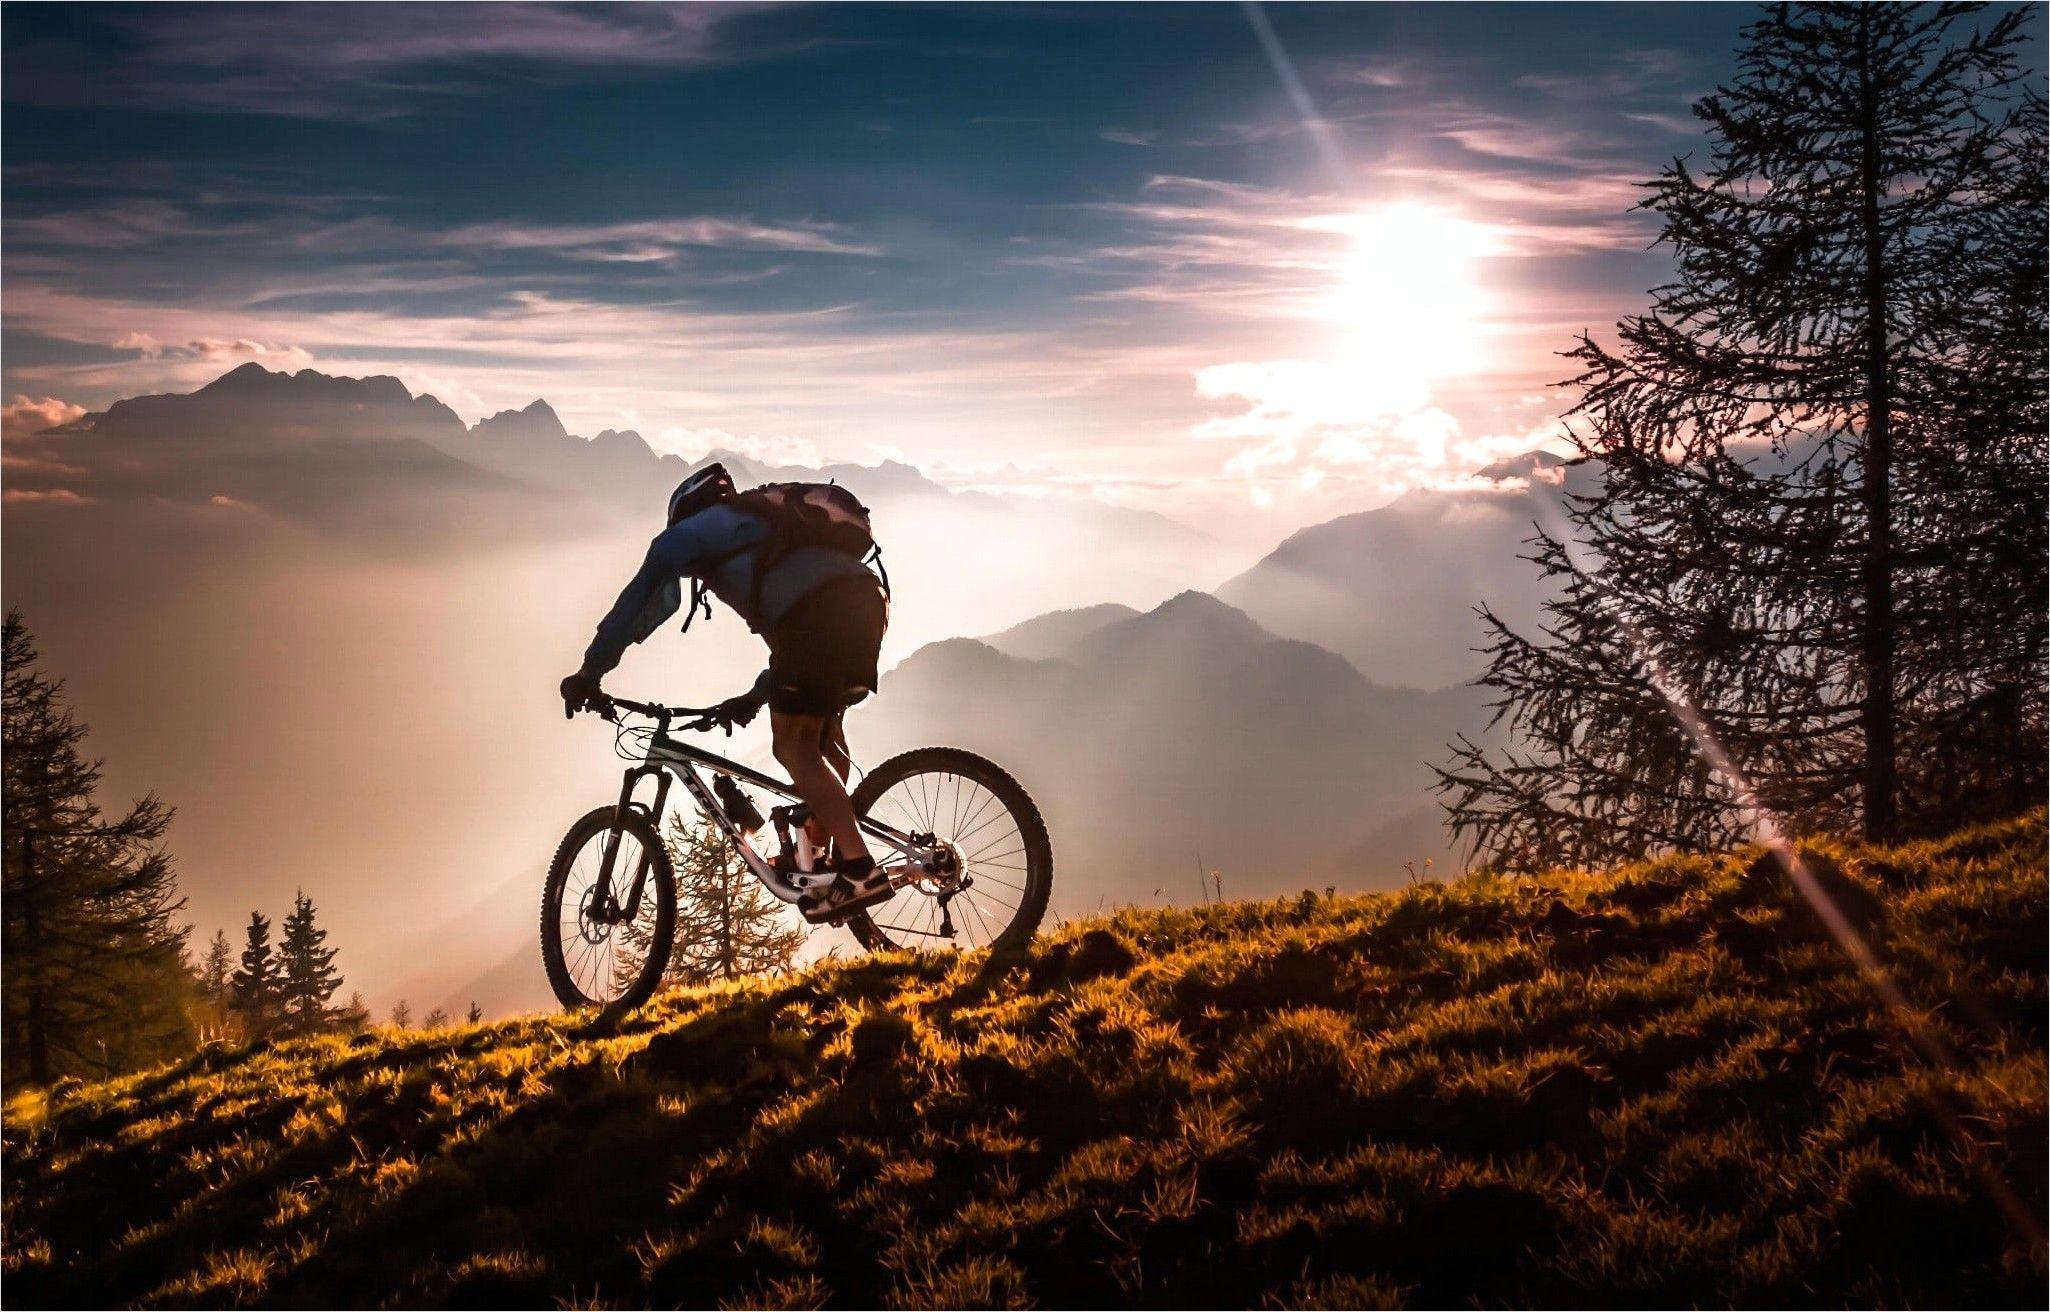 4k Mountain Biking Wallpaper Reddit Em 2020 Tatuagem De